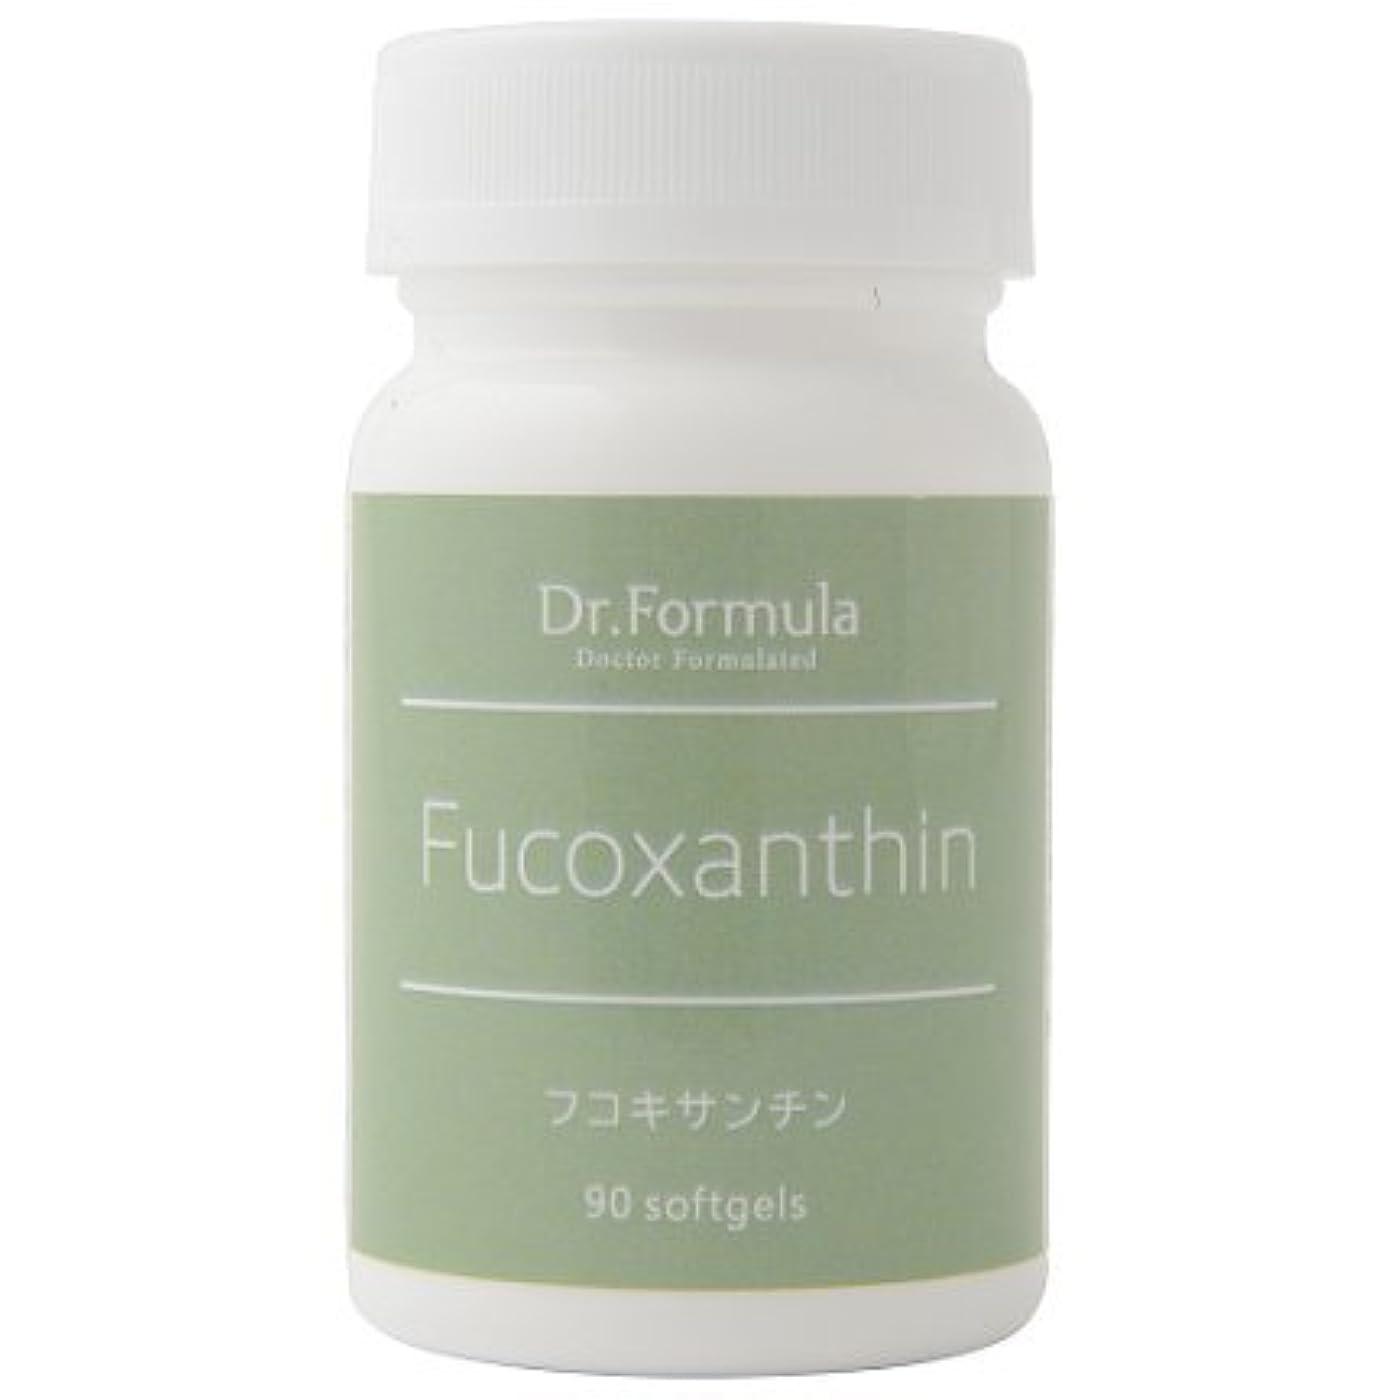 フリルまあスカルクDr.Formula フコキサンチン(テレビで話題の希少成分) 30日分 90粒 日本製 Fucoxanthin